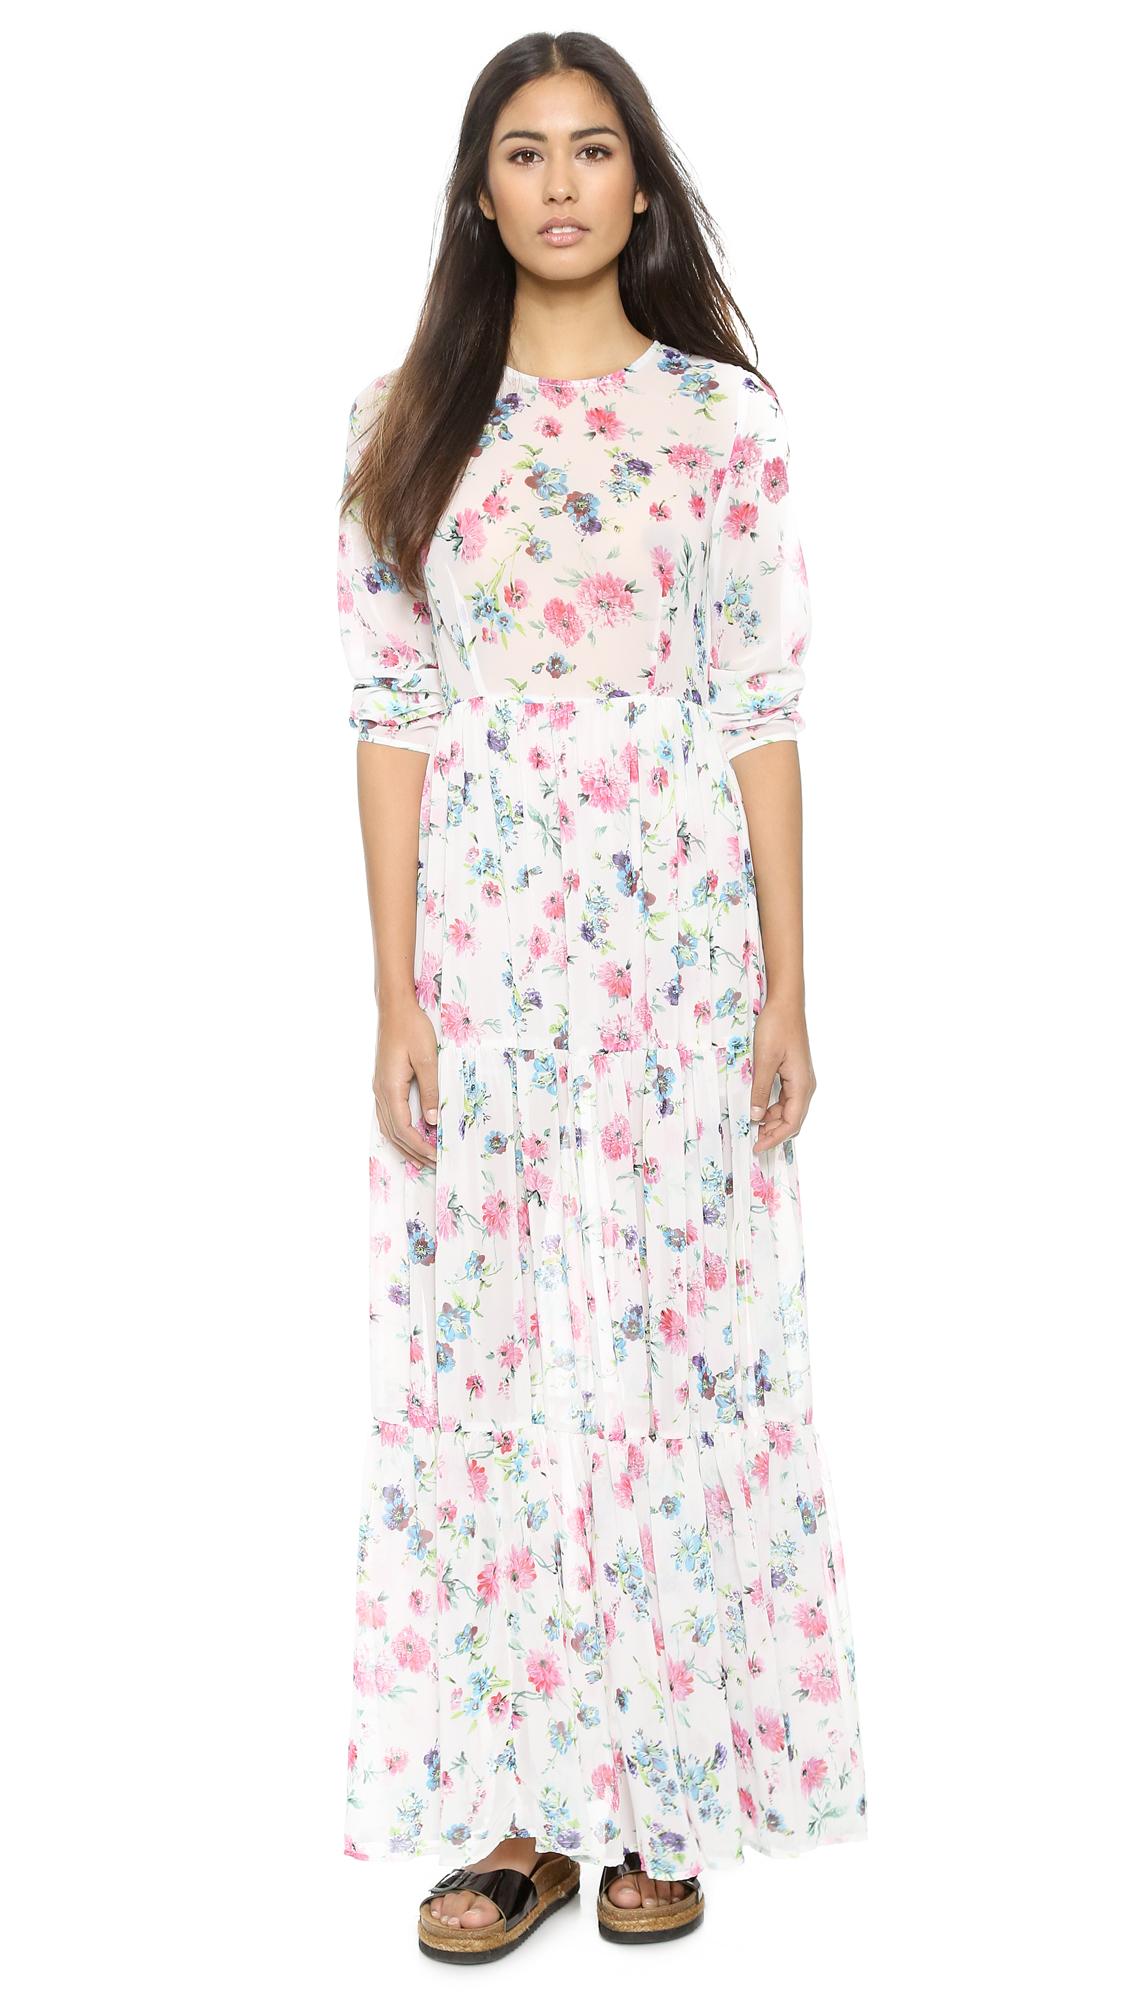 Renamed maxi dress